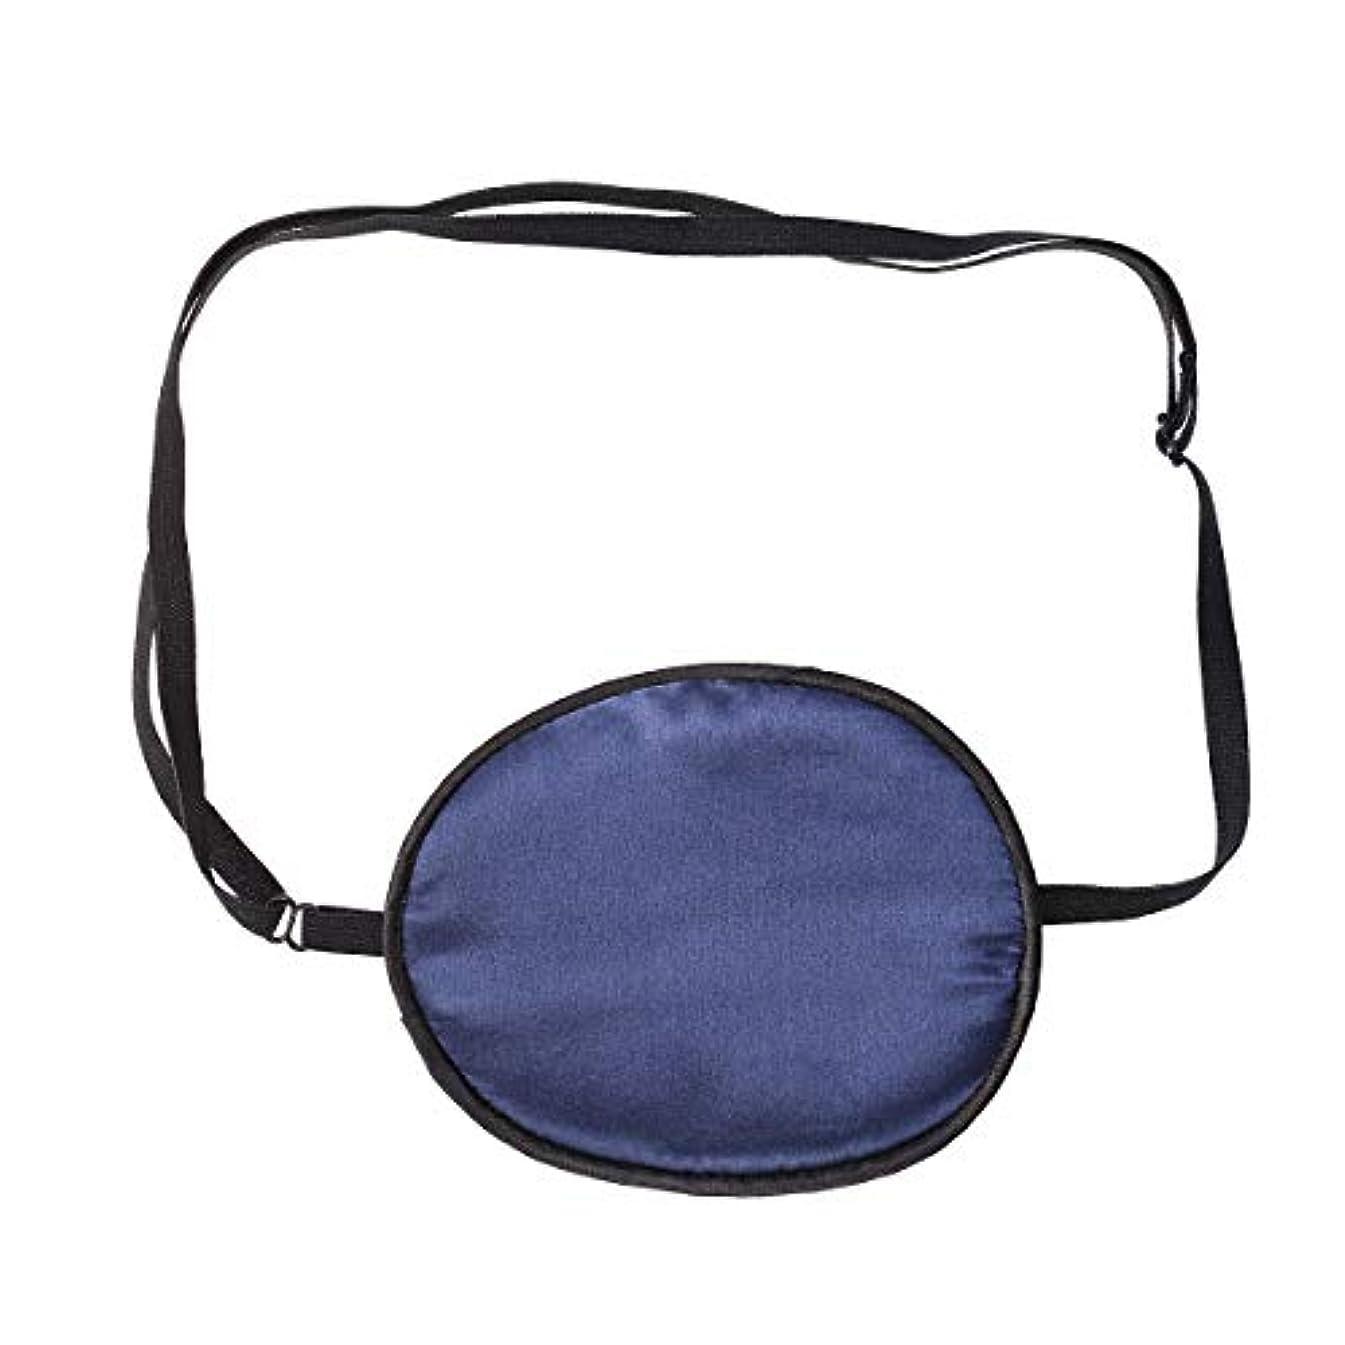 課すテンション提出するSUPVOX シルクアイパッチソフトで心地良い弾力のあるアイパッチ大人のための漏れのない滑らかな目の失明斜視(ネイビー)